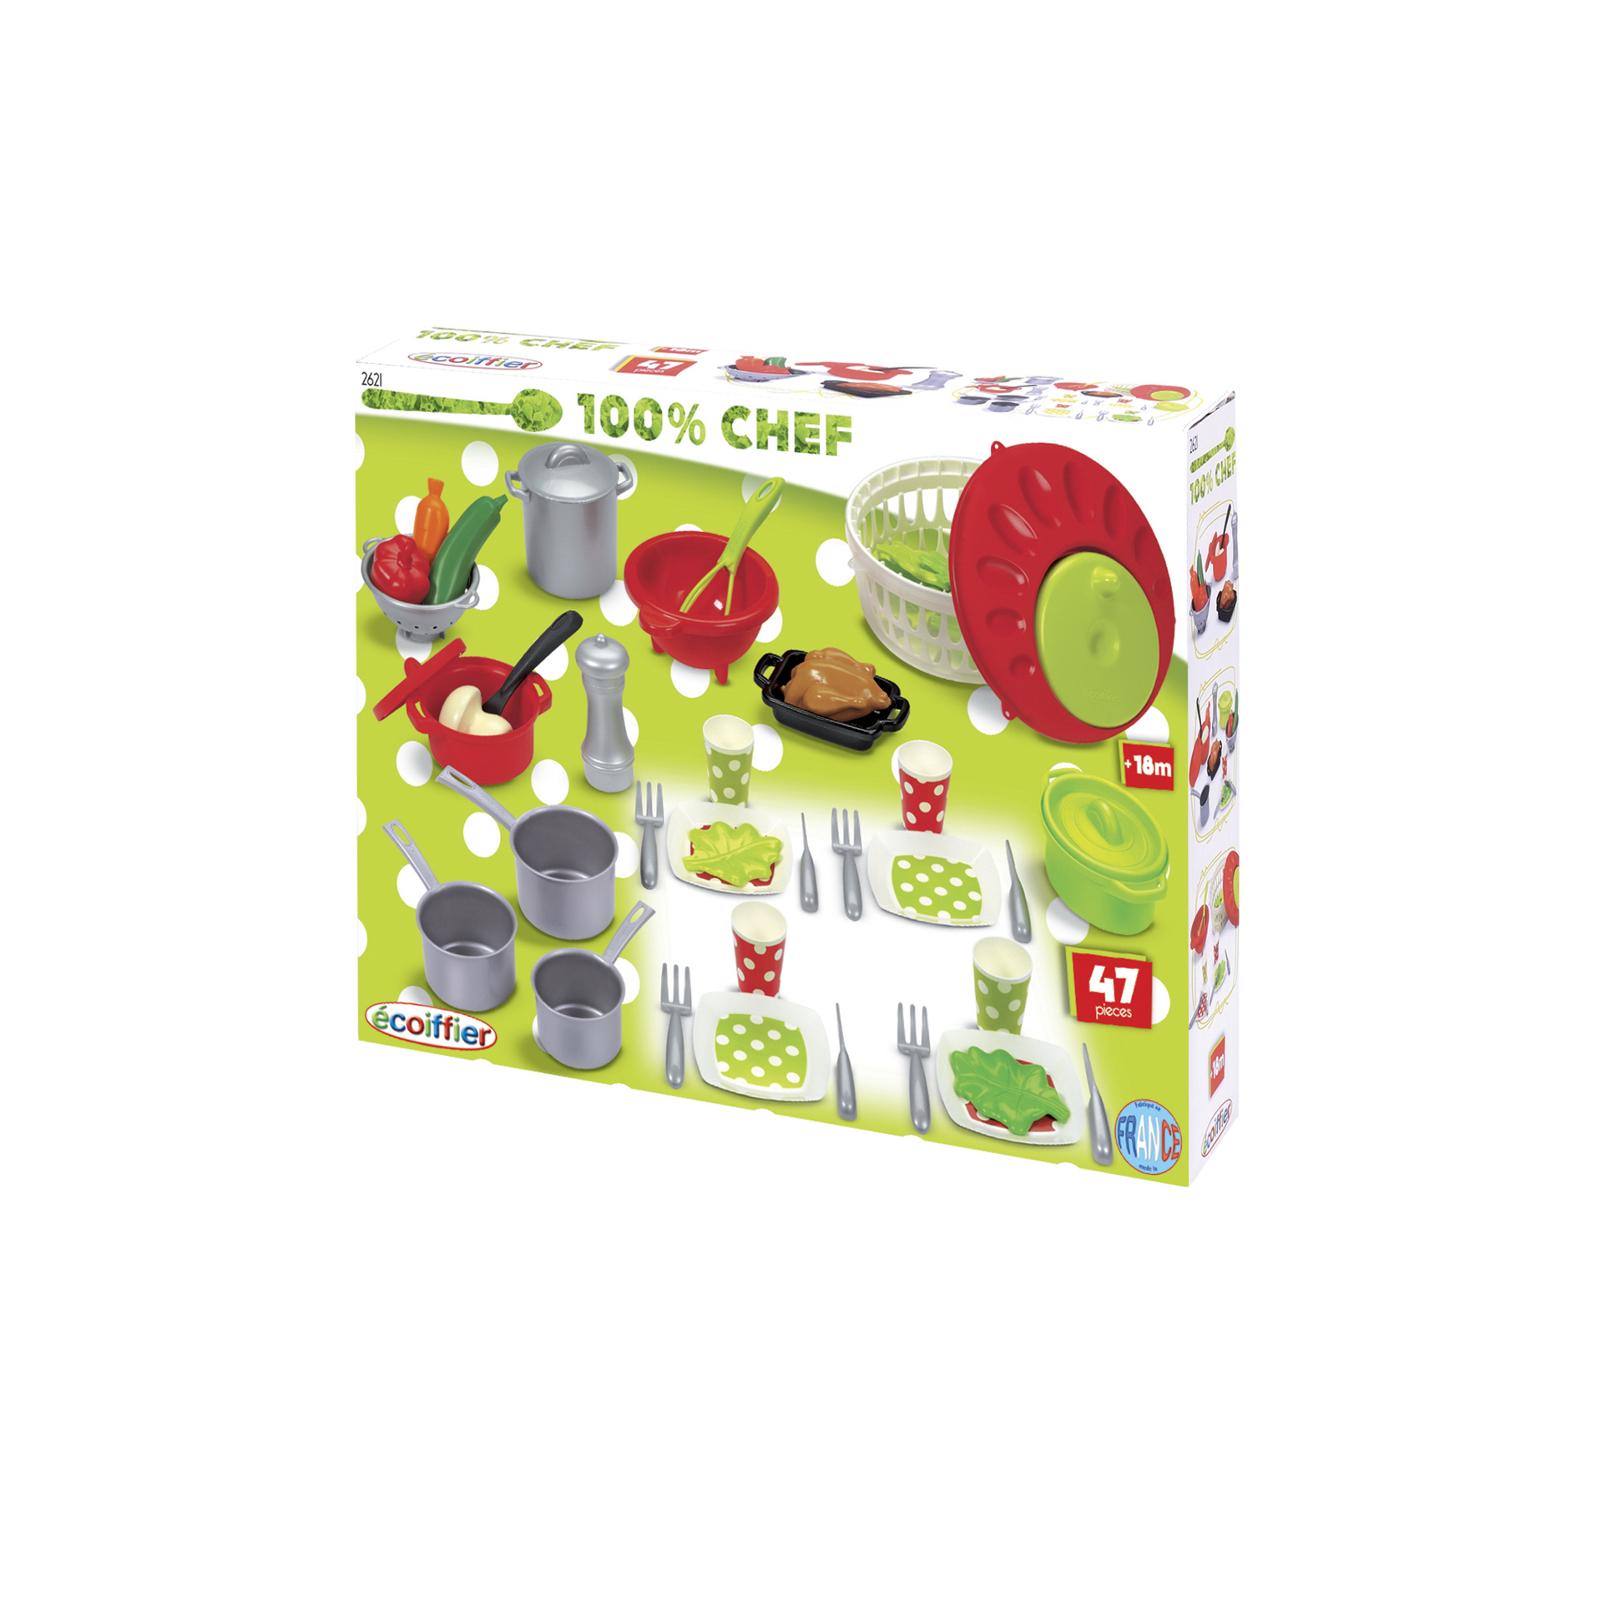 Игровой набор Ecoffier Посуда 100% Chef<br>